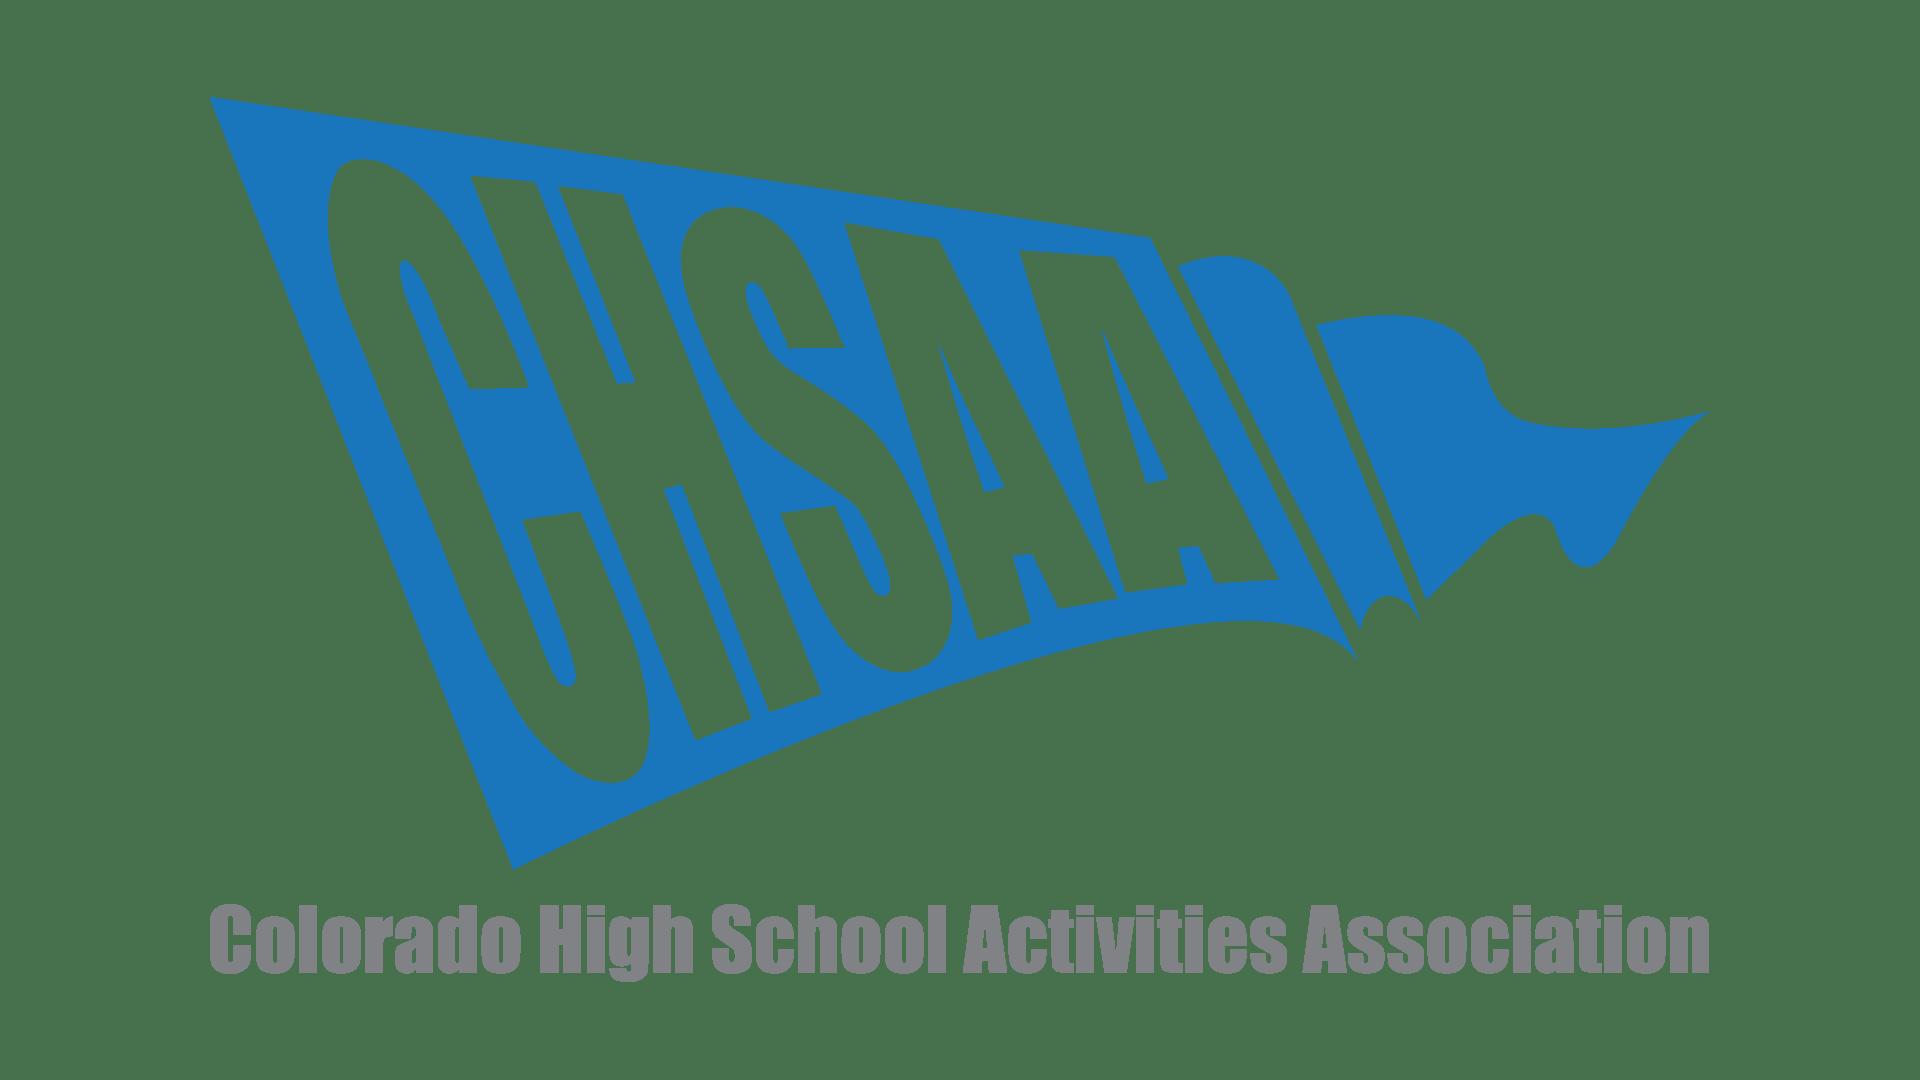 Colorado High School Activities Association